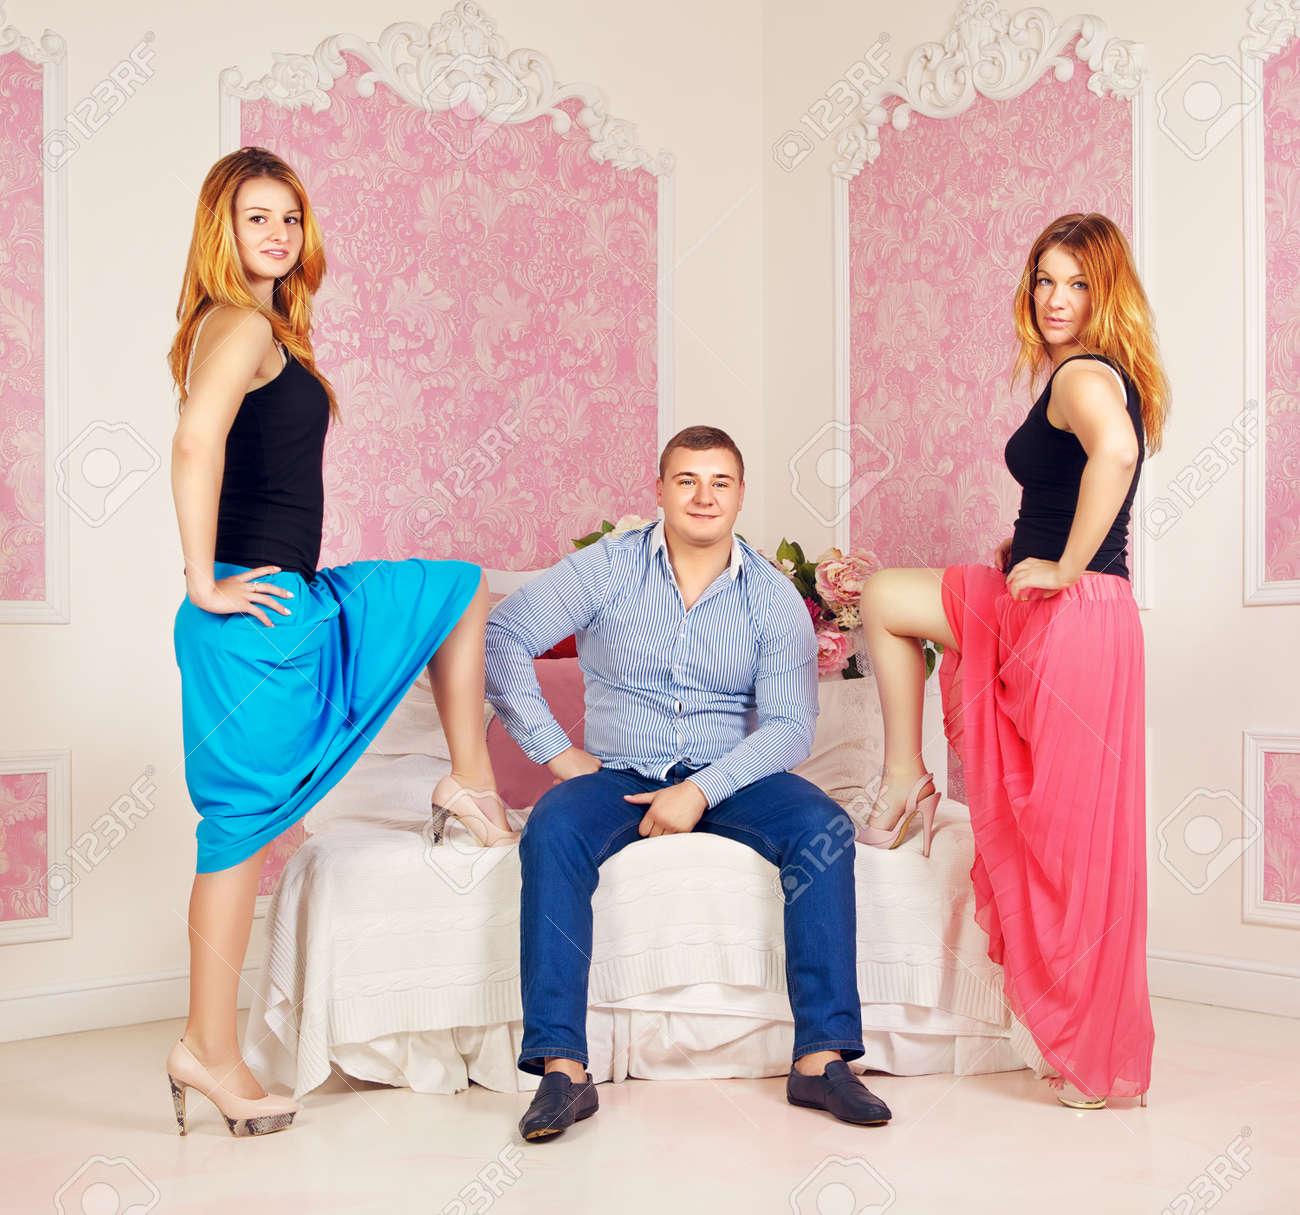 felice l'uomo e due donne in camera da letto foto royalty free ... - Donne In Camera Da Letto